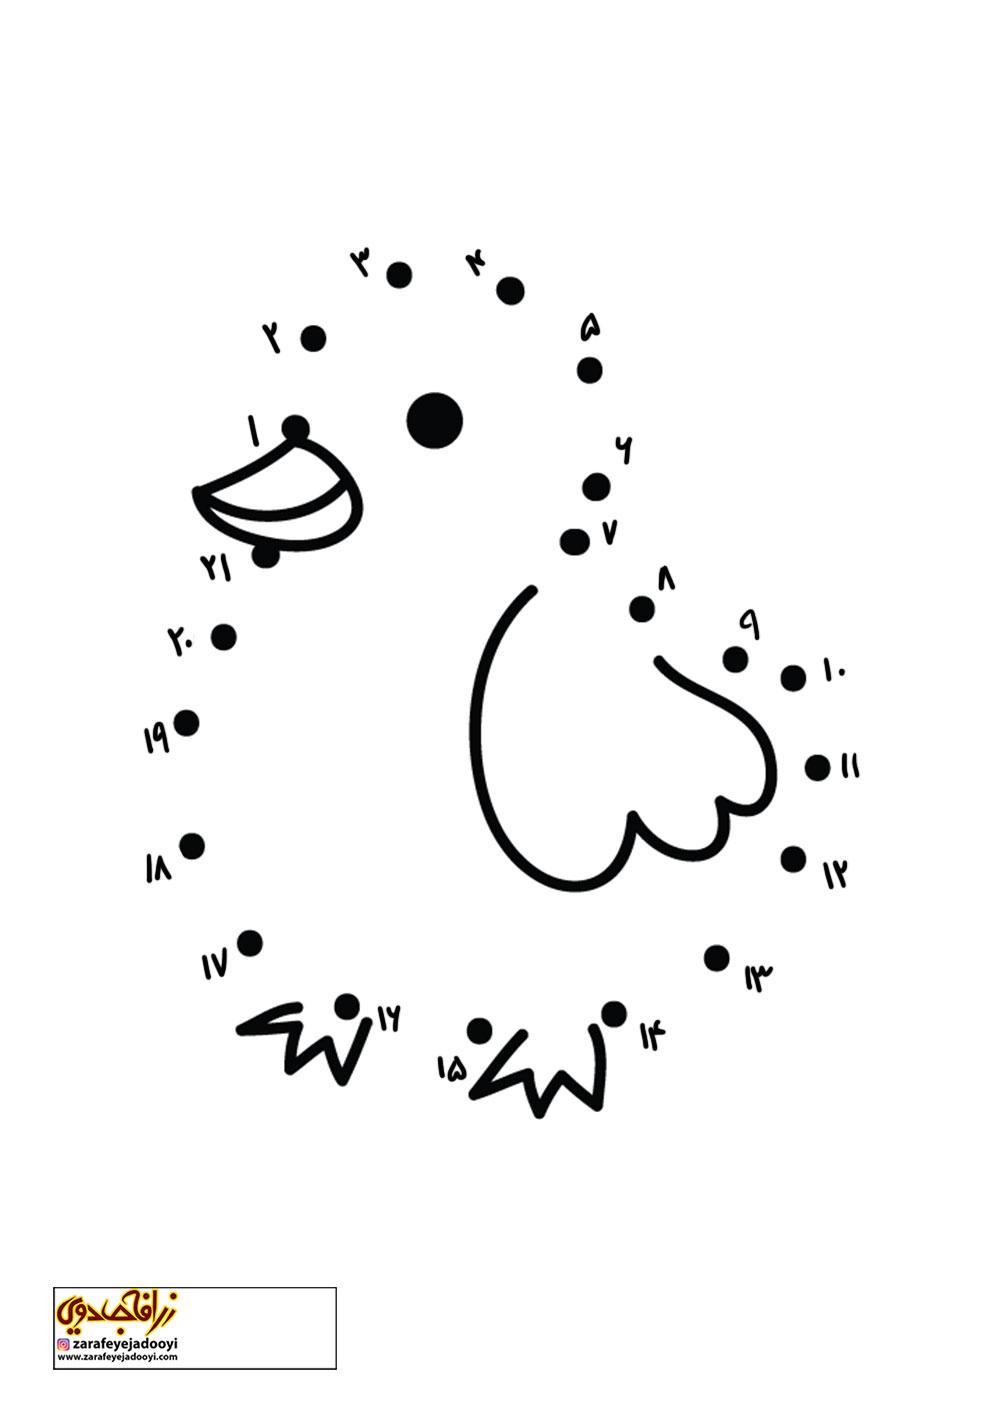 زرافه-جادویی-نقاشی-نقطه-به-نقطه-042